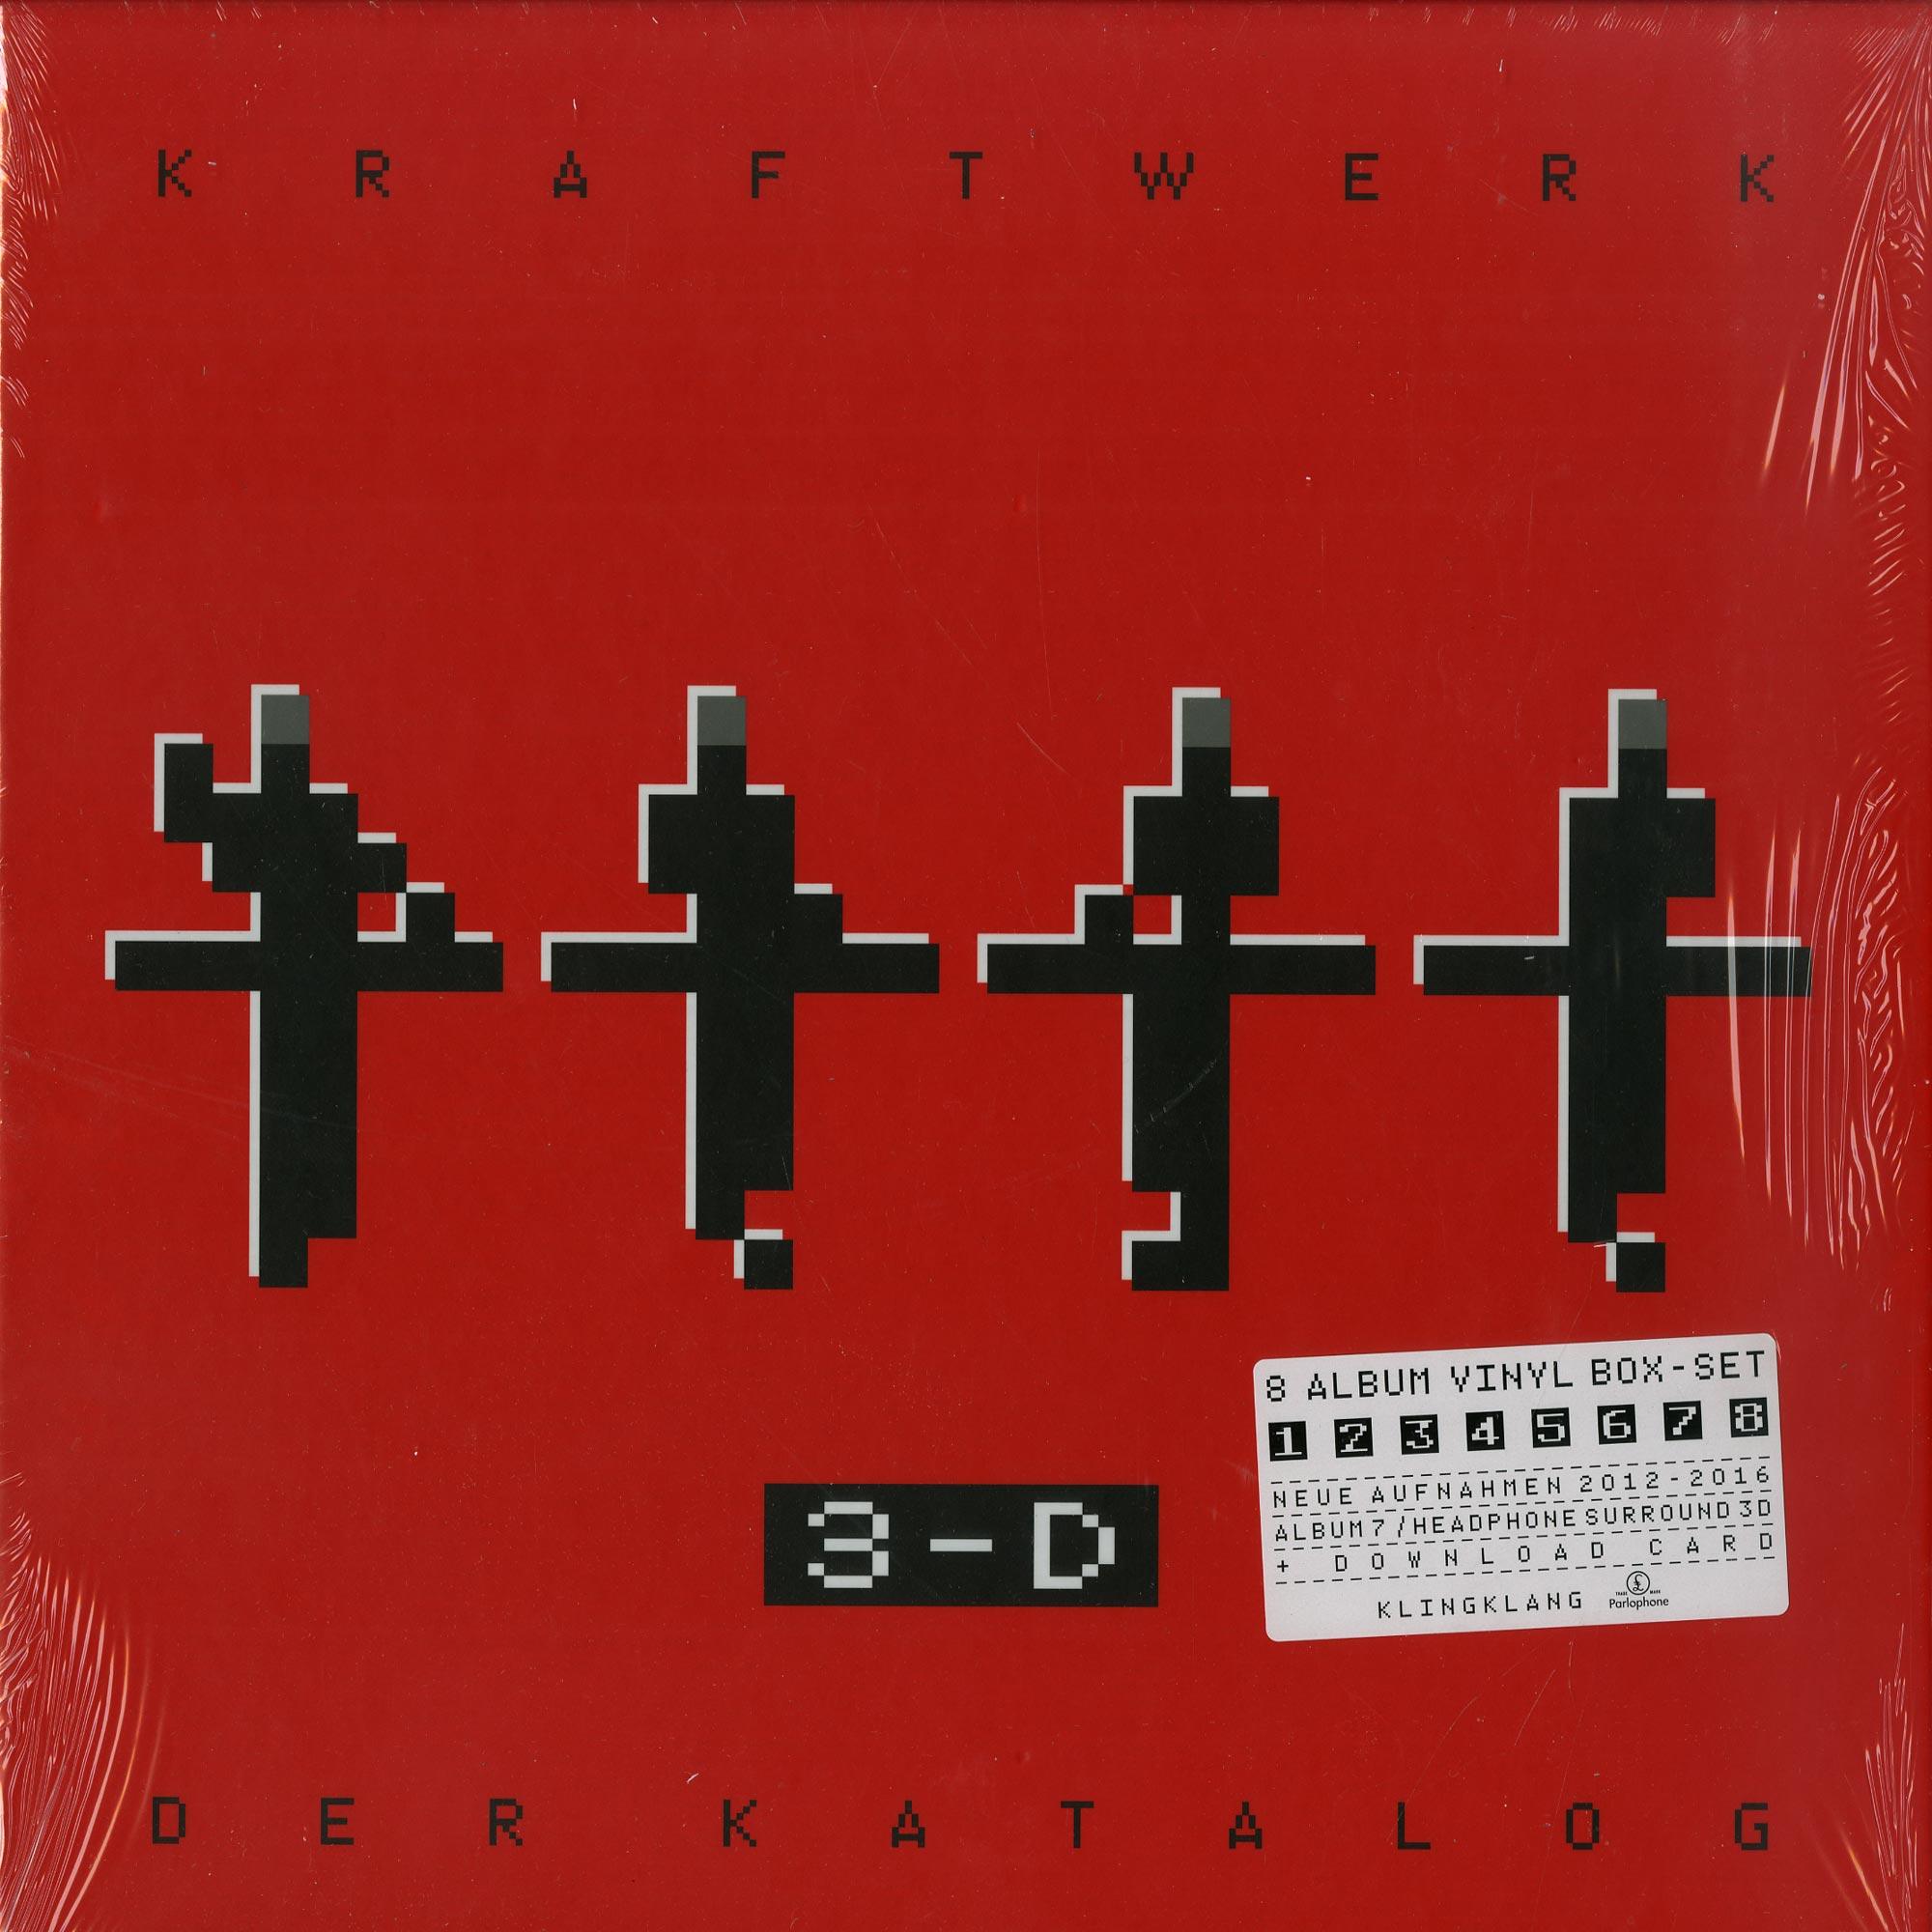 Kraftwerk - 3-D DER KATALOG